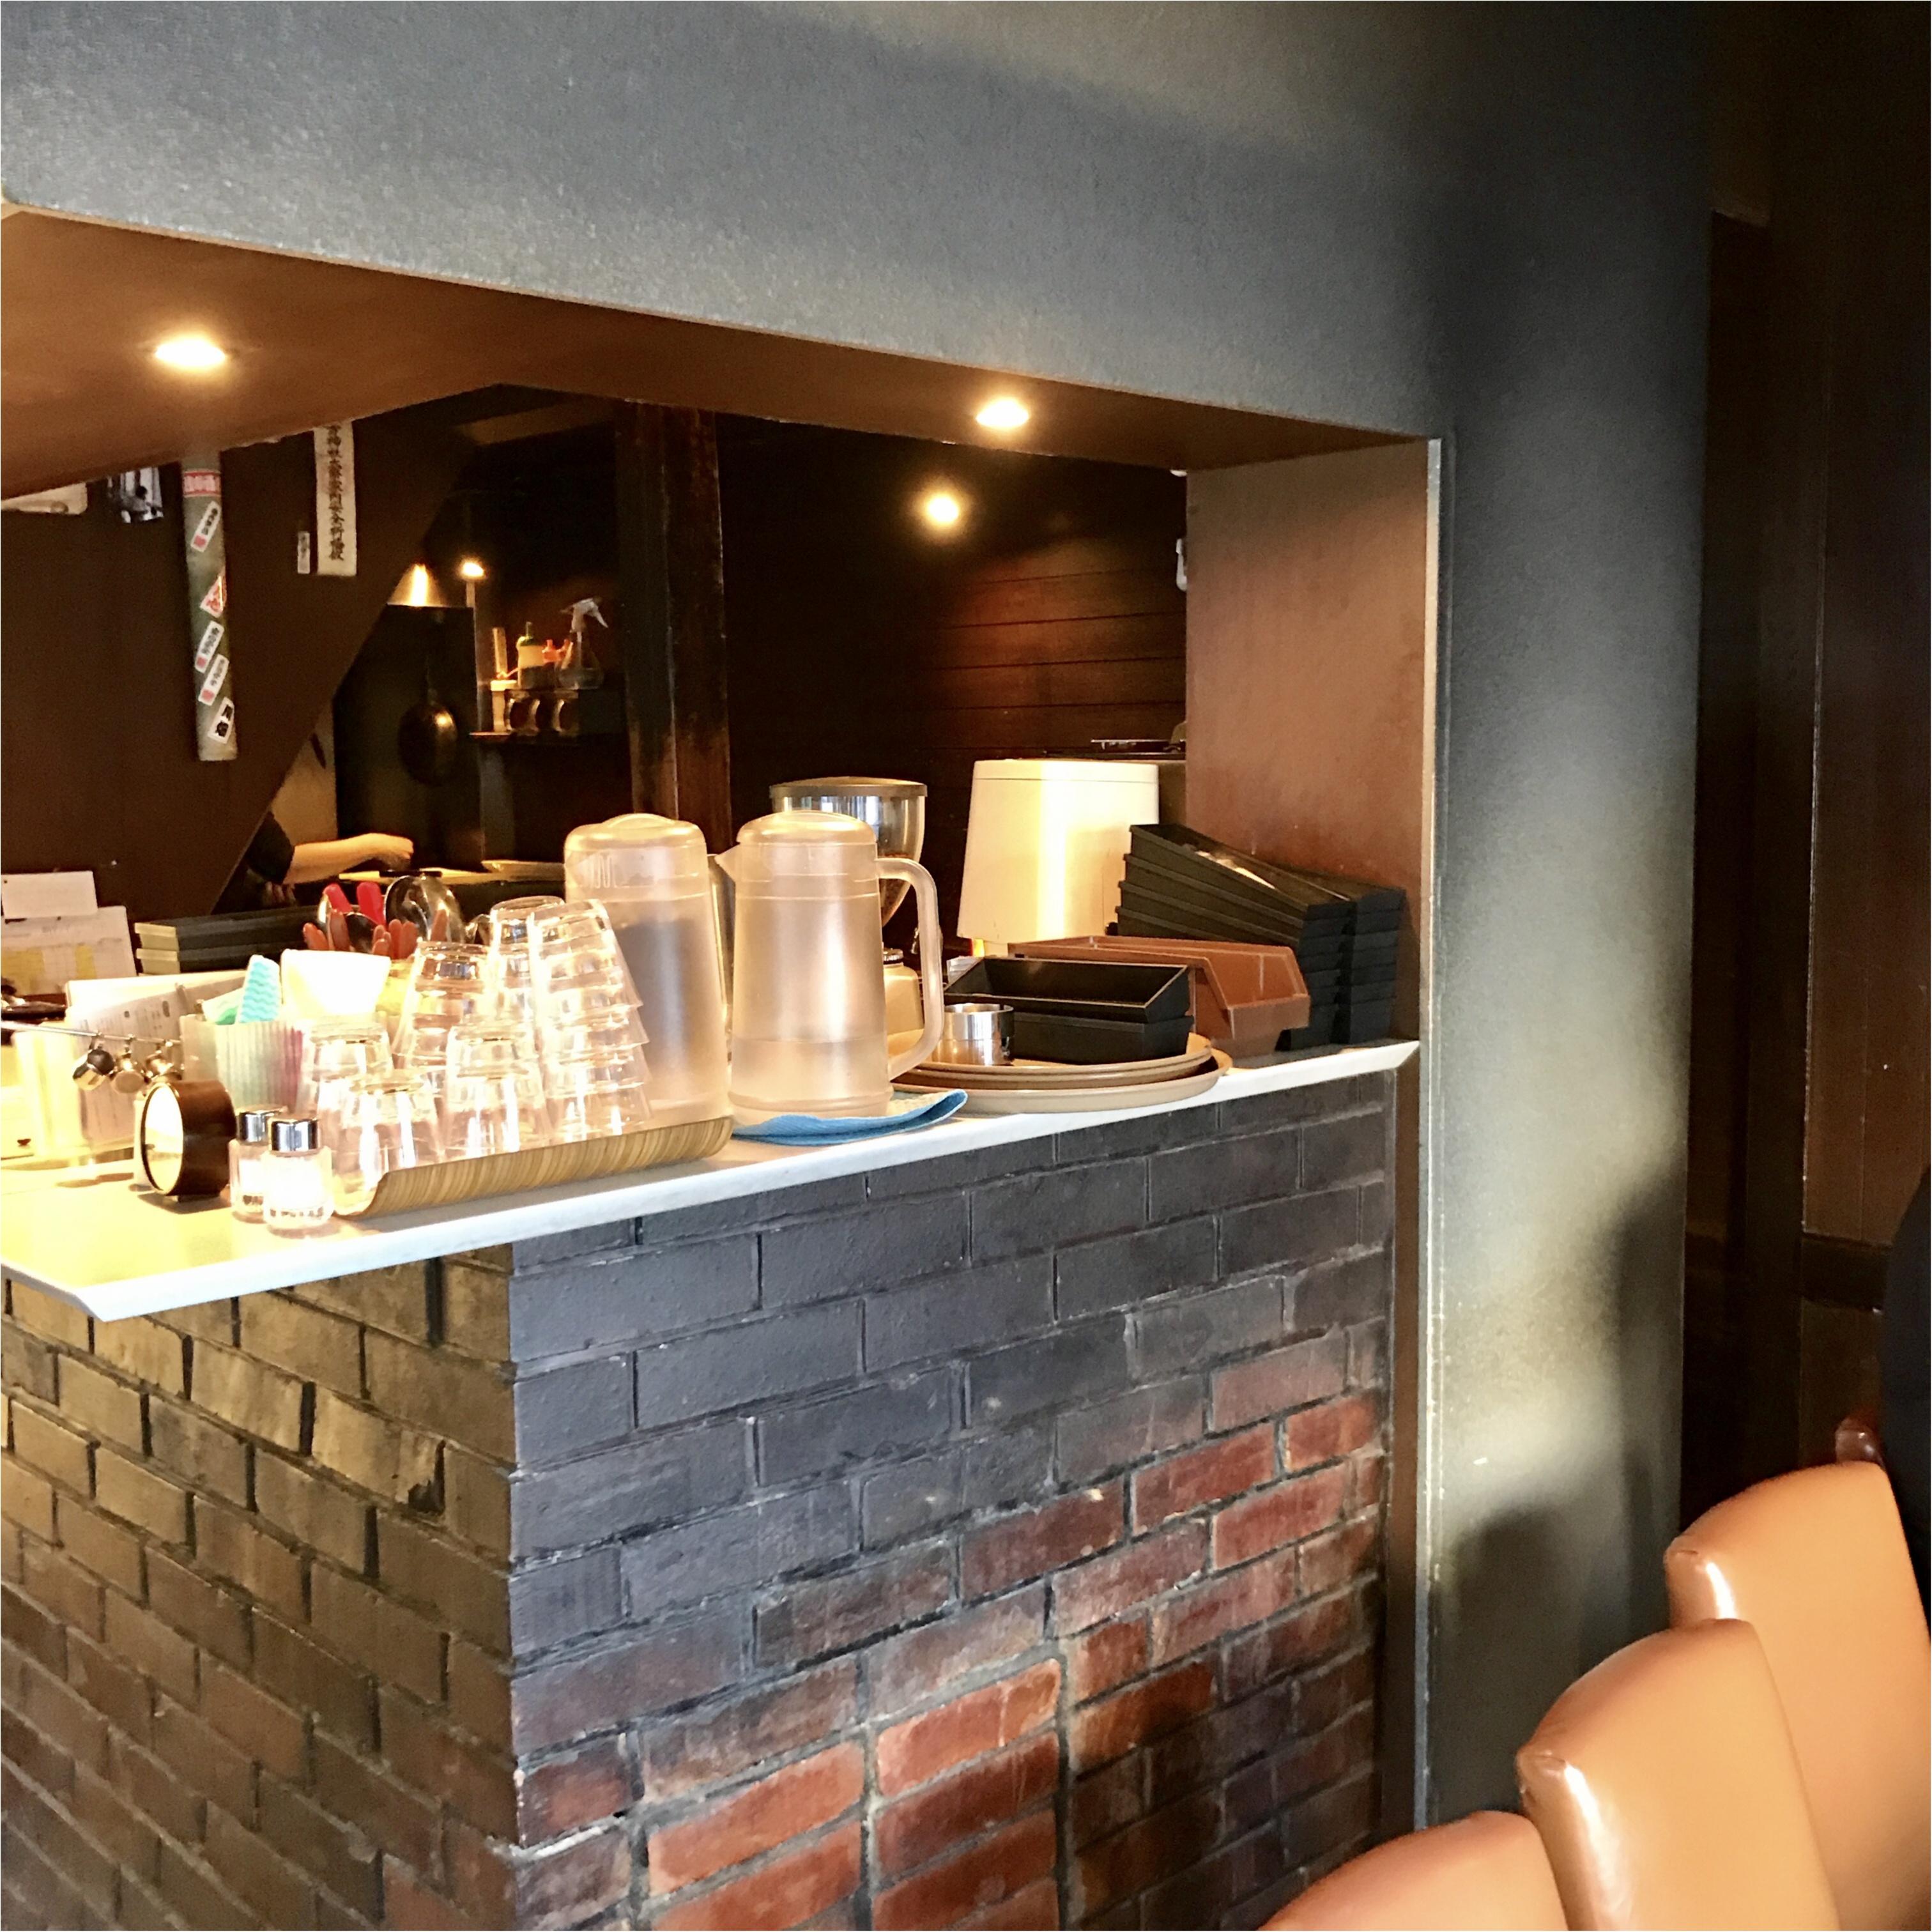 """レトロな下町カフェ""""カヤバ珈琲""""♡ここでしか味わえない《ルシアン》とは?_3"""